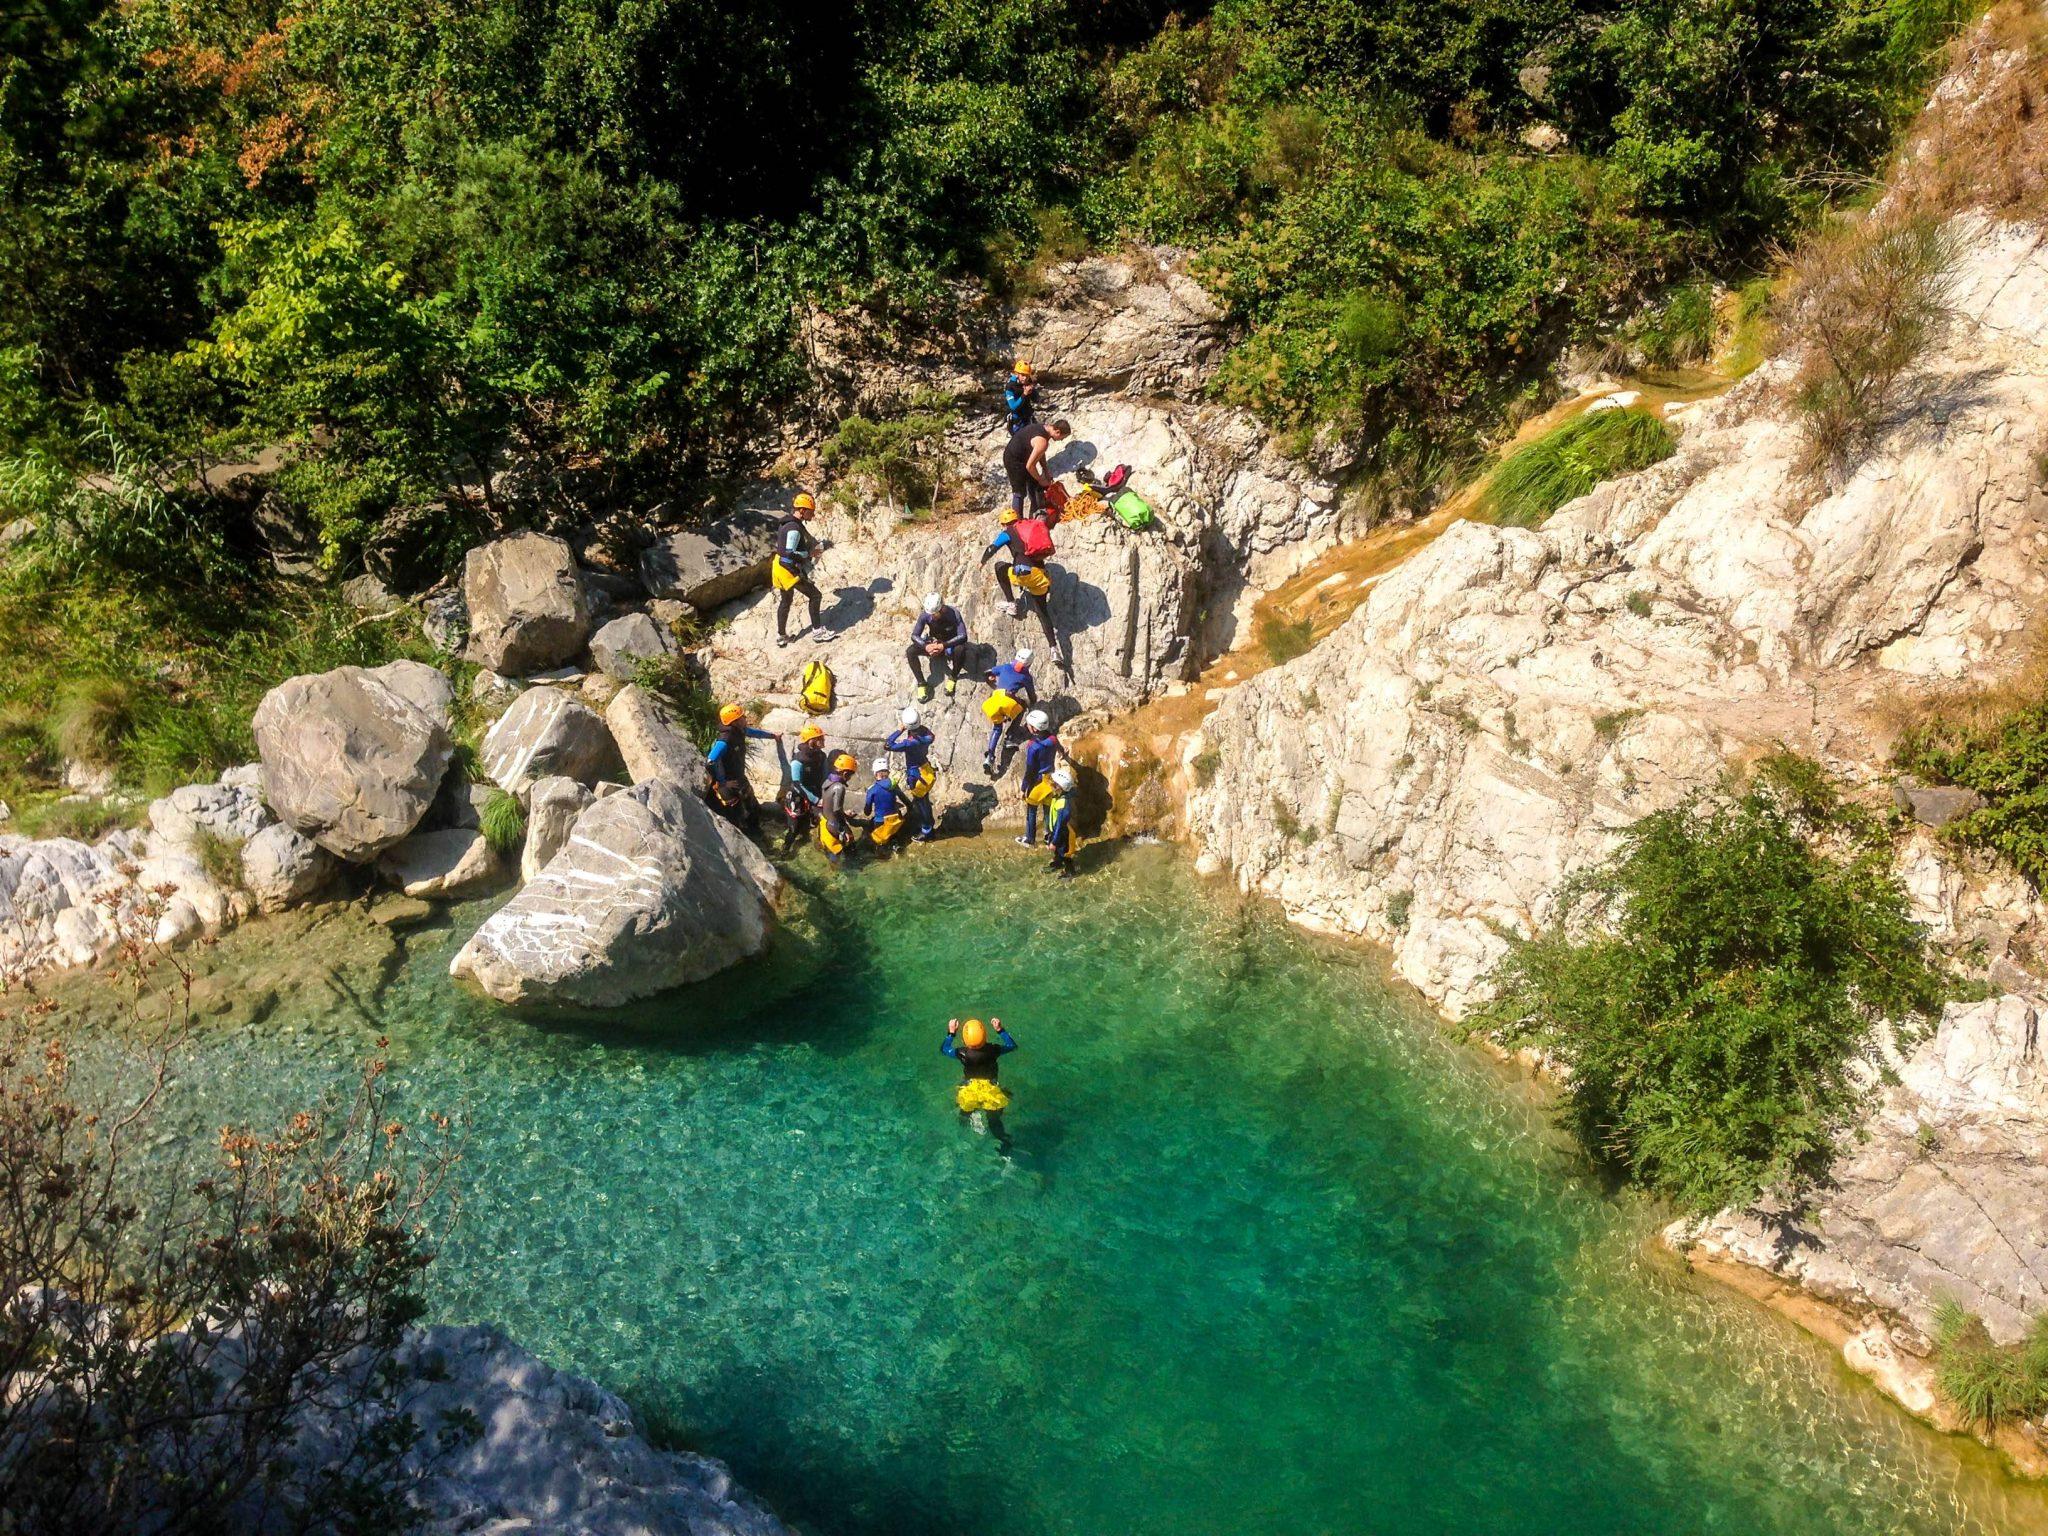 canyoning, Où faire du canyoning dans la région de Nice ?